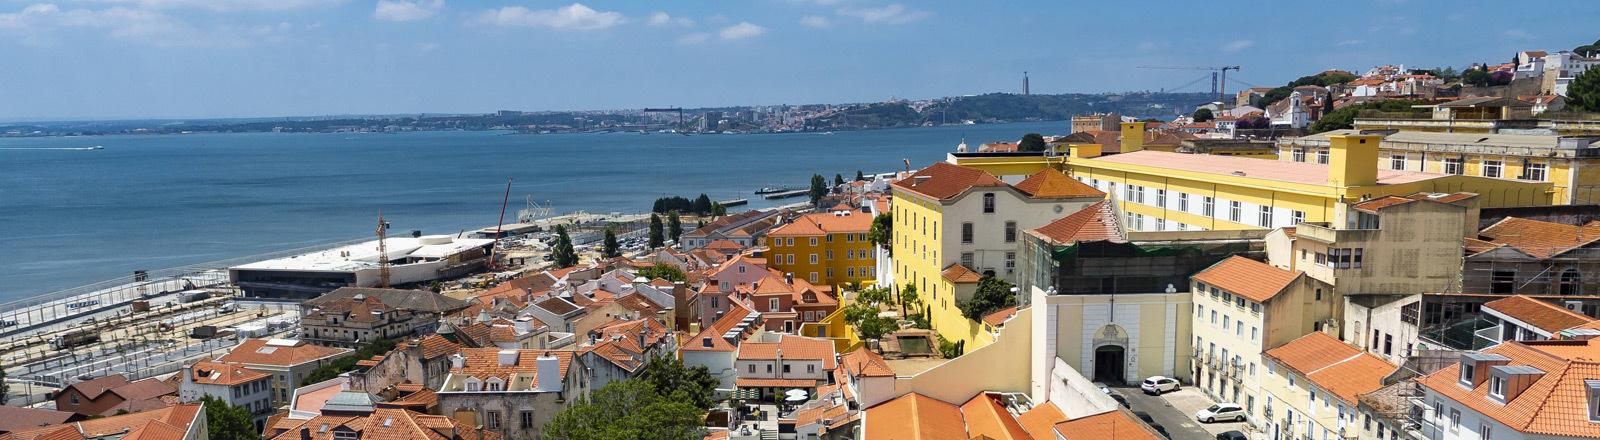 Stadtansicht Lissabon in Portugal